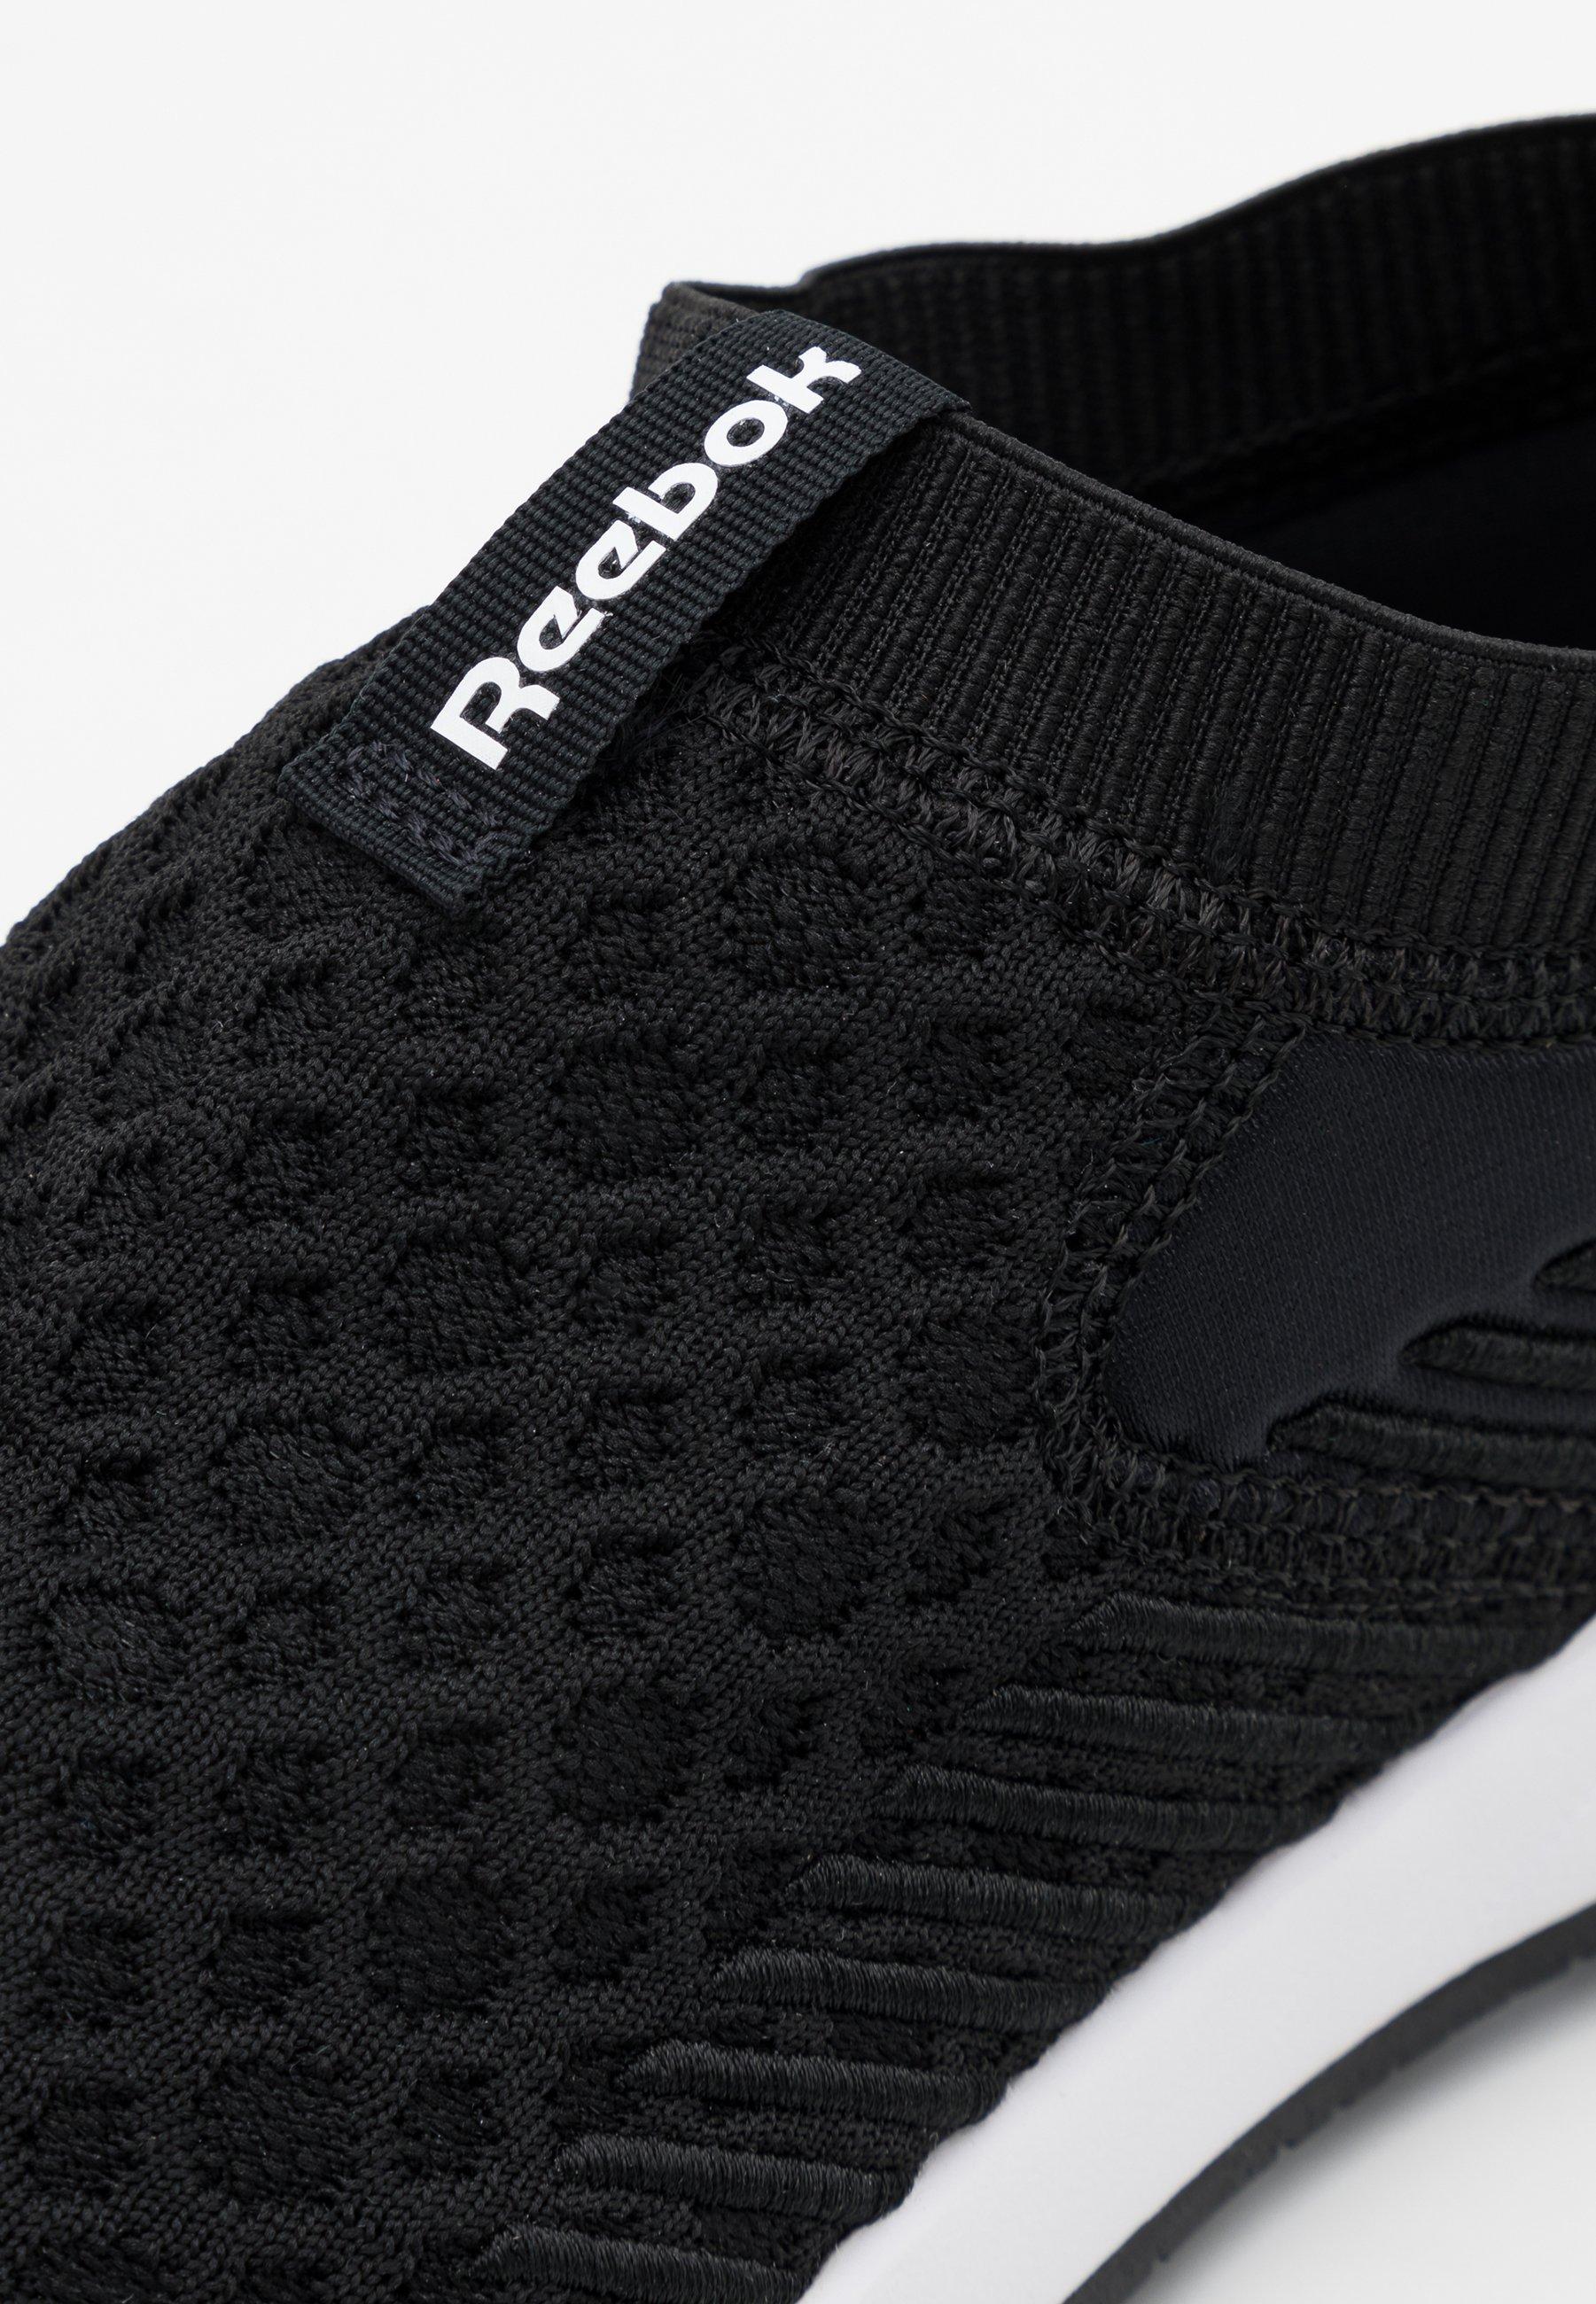 EVER ROAD DMX SLIP ON Chaussures de course blackwhite